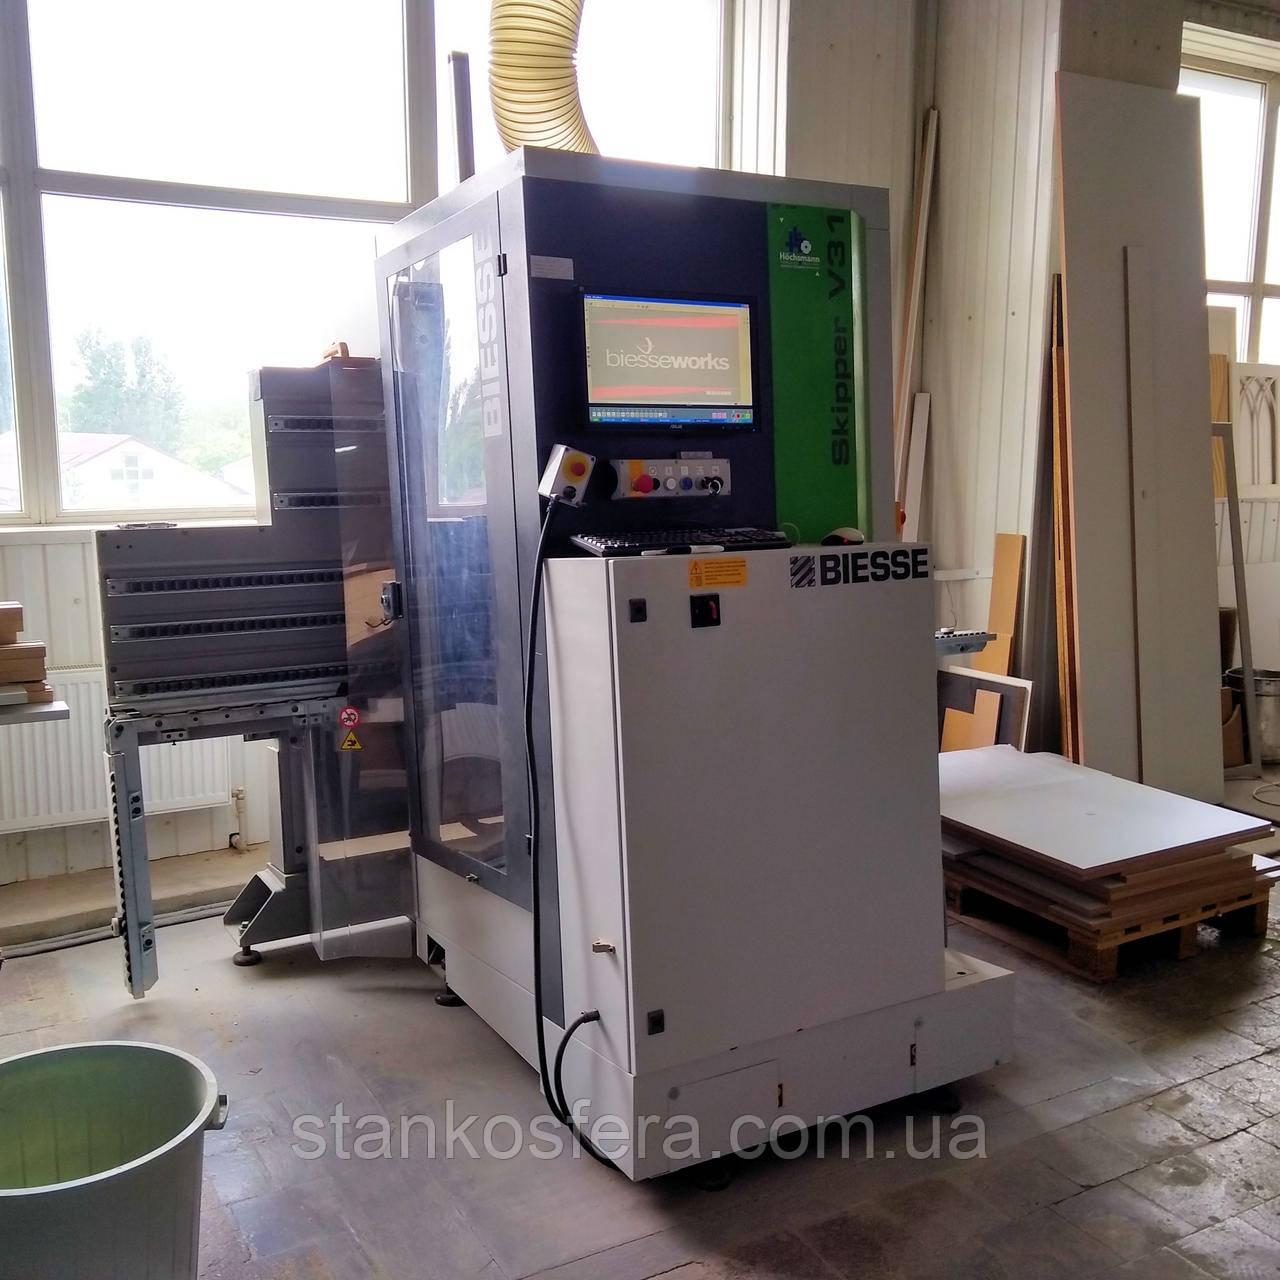 Обрабатывающий центр Biesse Skipper V31 бу 2012 года для сверления, фрезерования и выборки пазов с ЧПУ